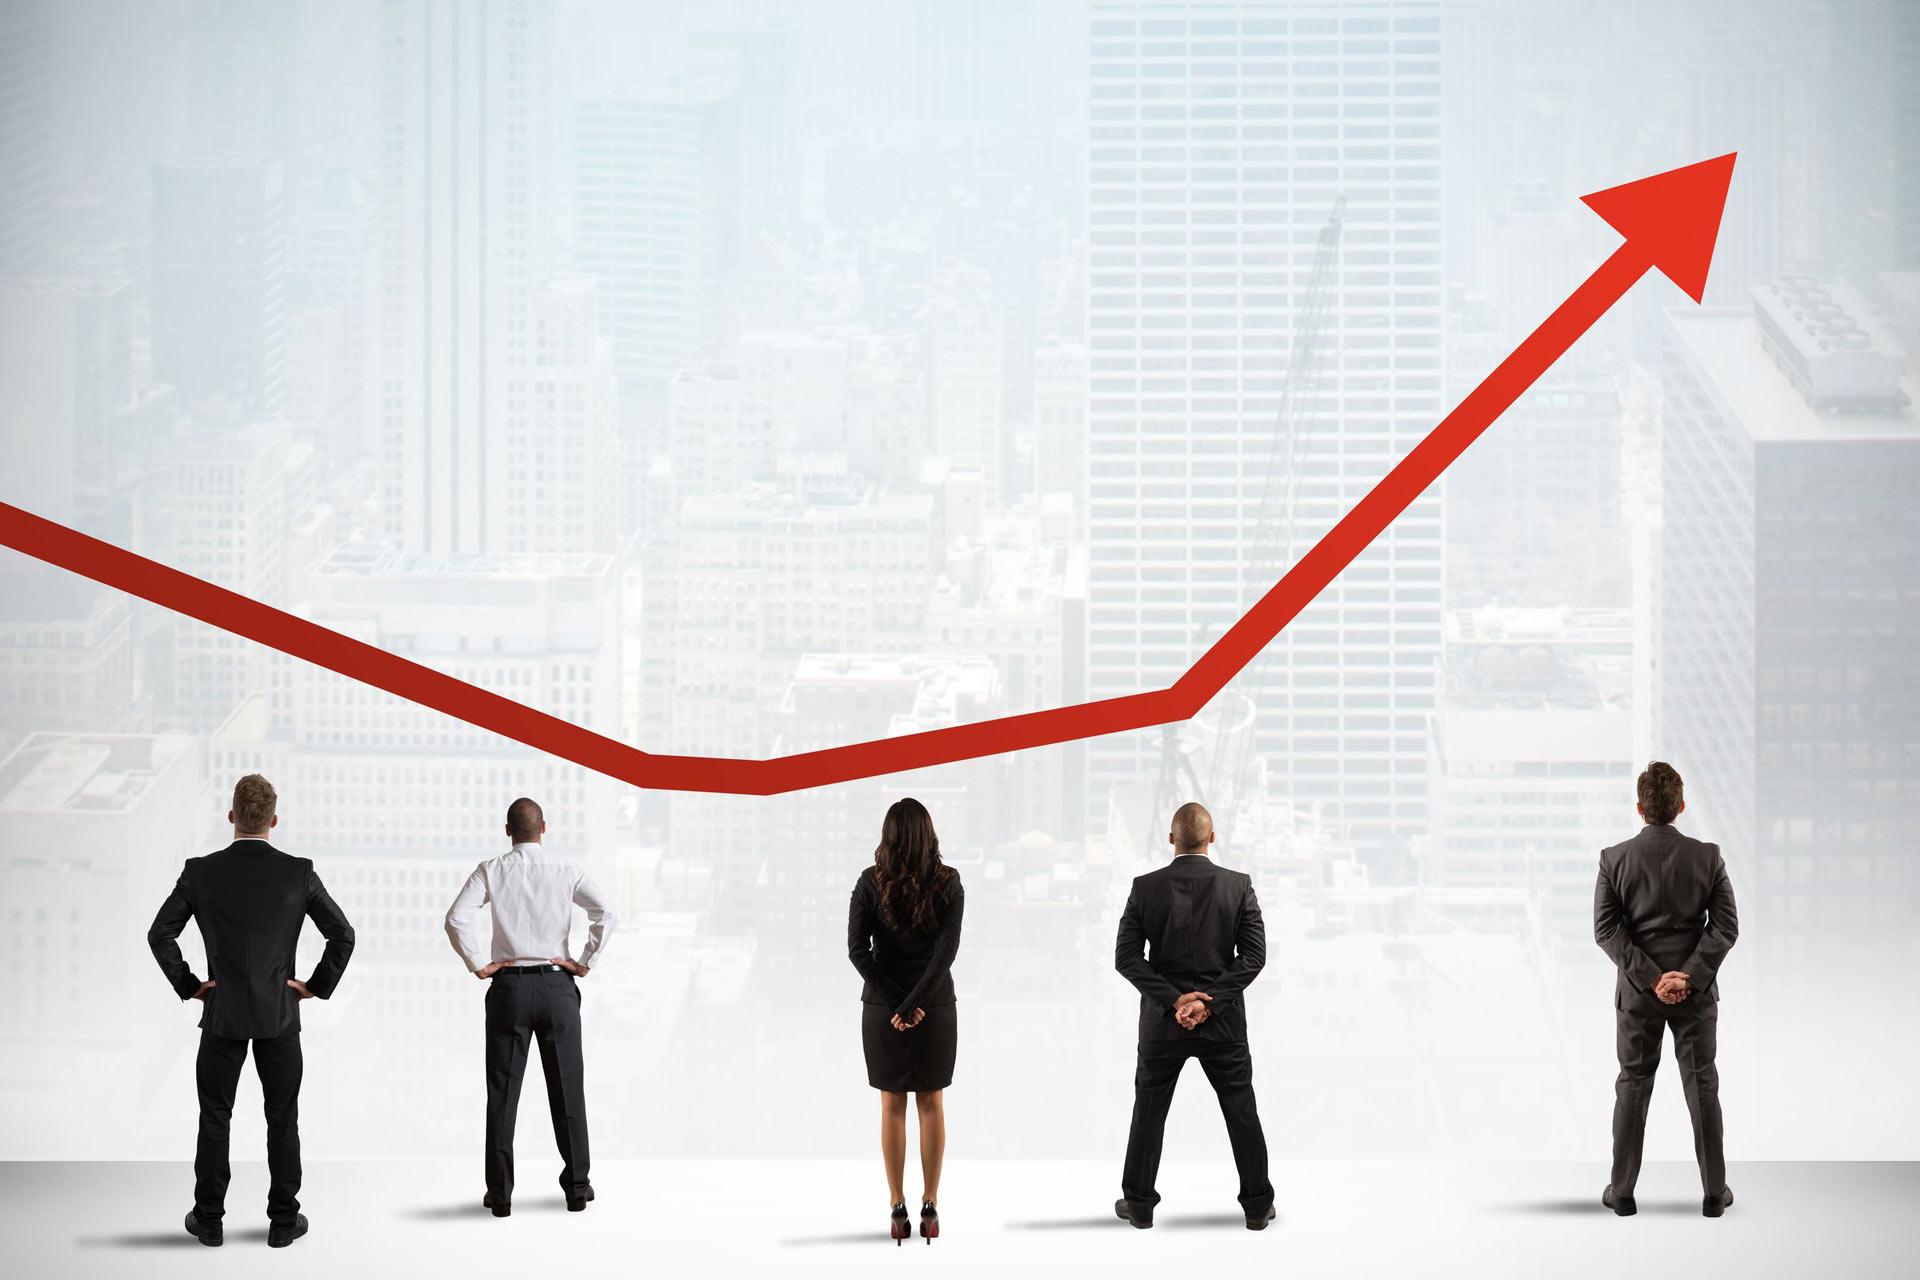 Бесплатный вебинар: Стратегия и тактика продаж или как увеличить обороты компании простыми способами